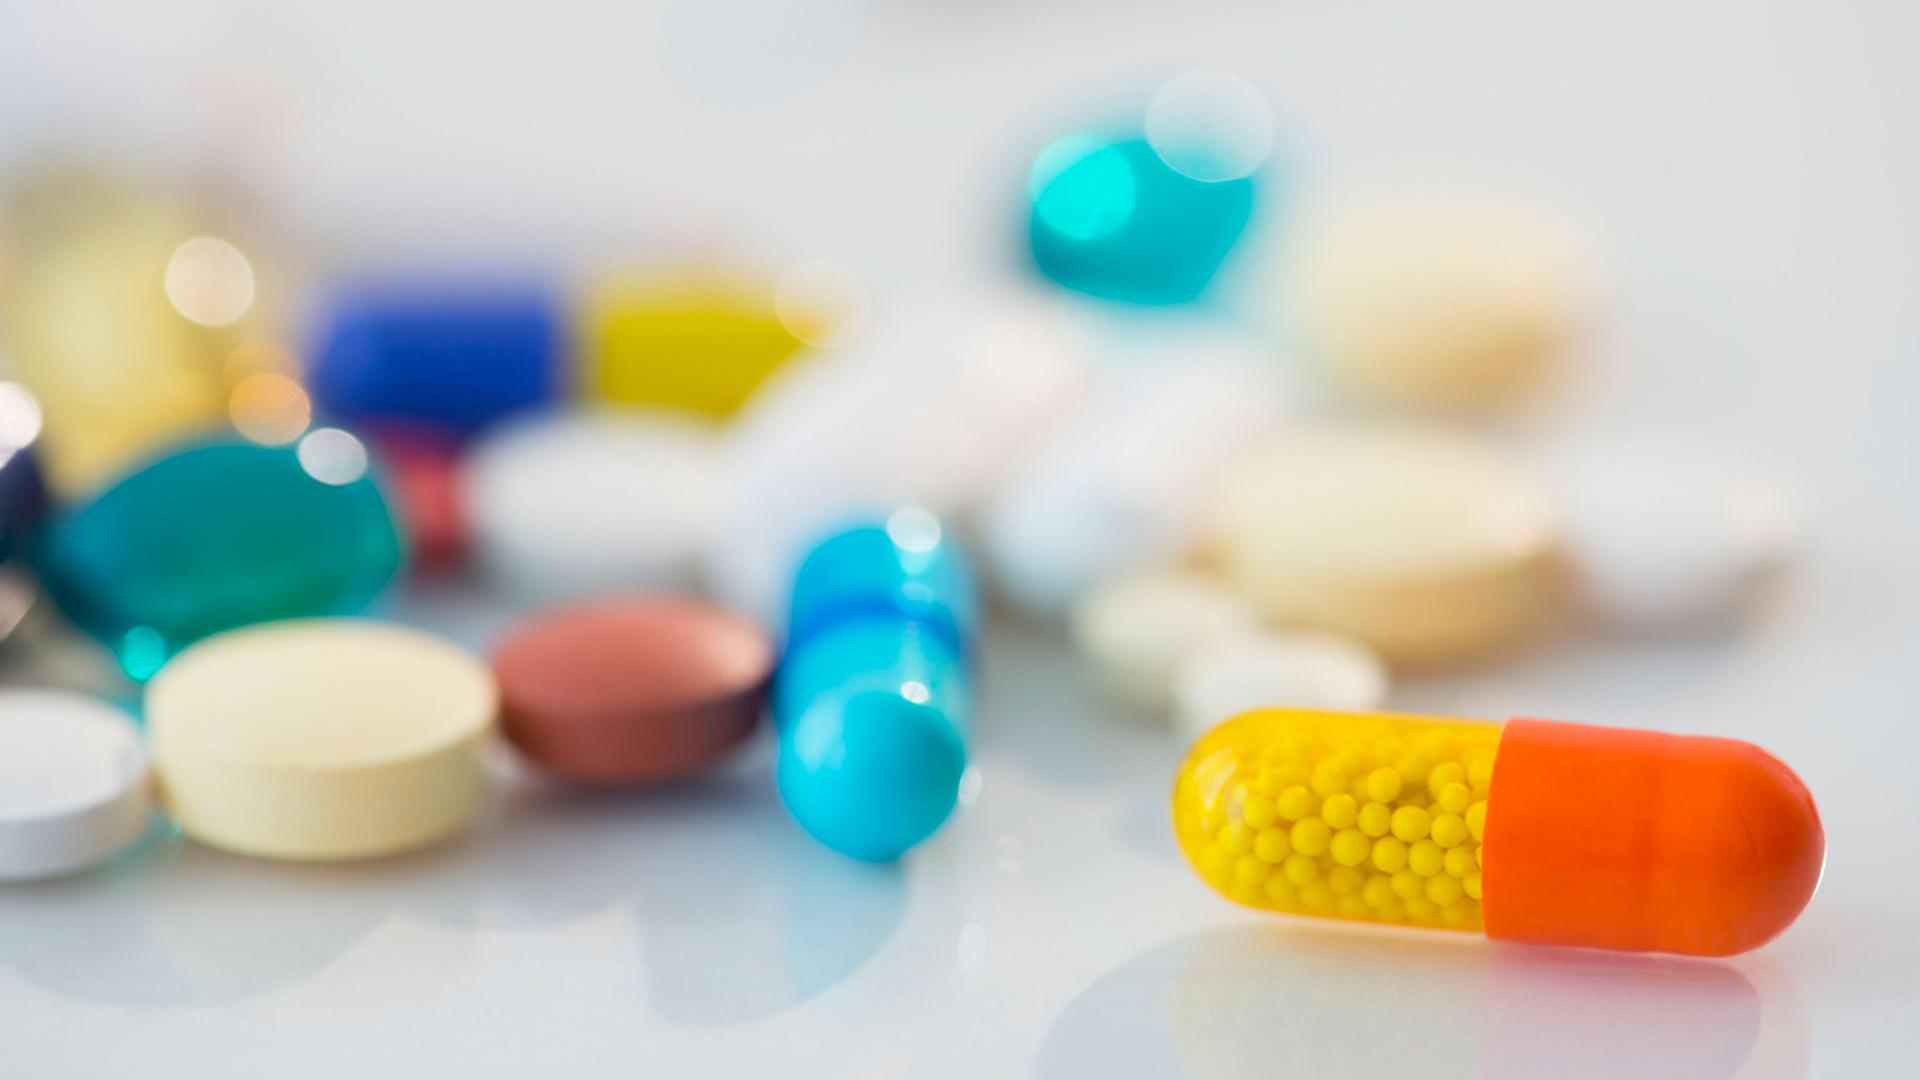 miglior farmaco contro disfunzione erettile 2020 online